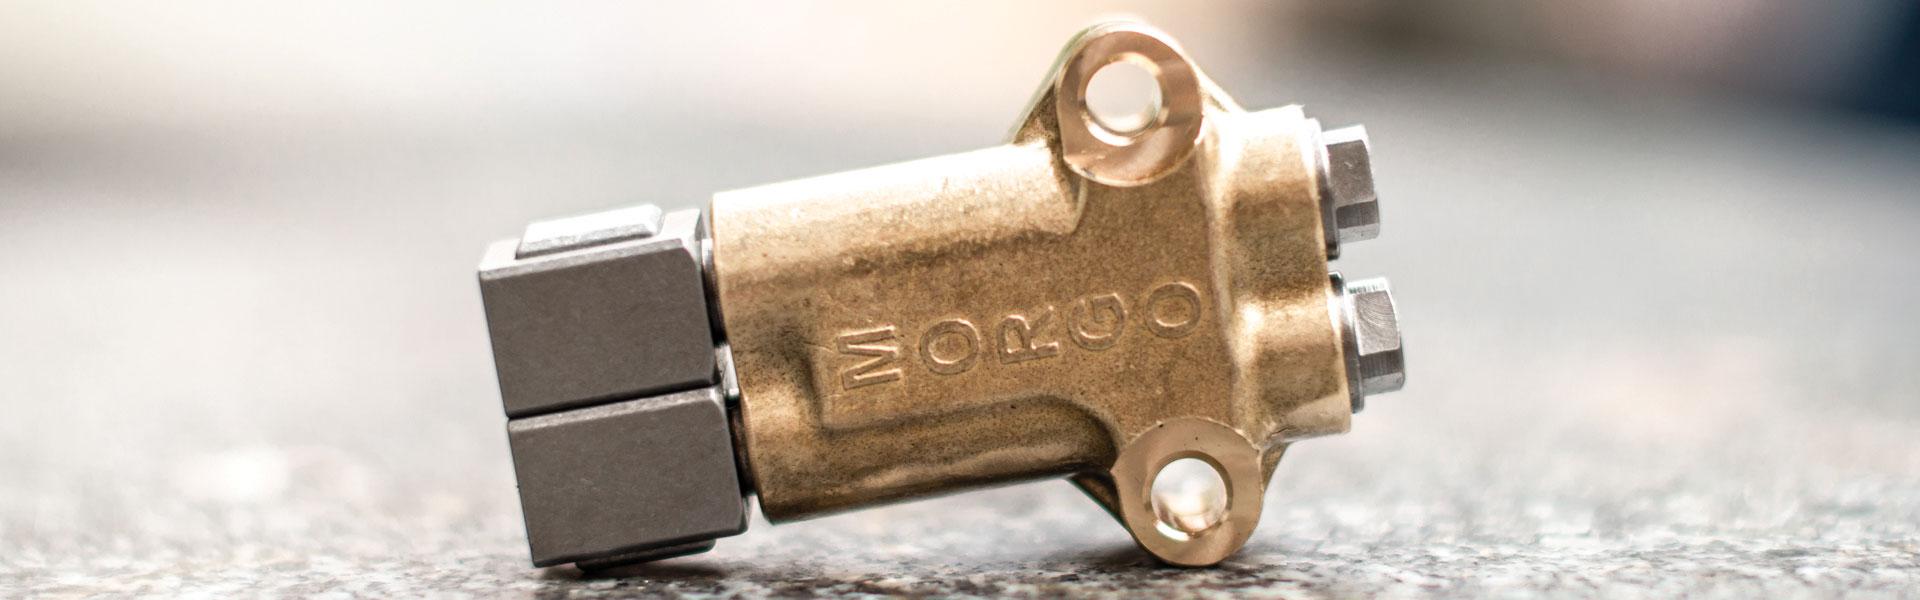 Morgo Plunger Pumps Triumph Products